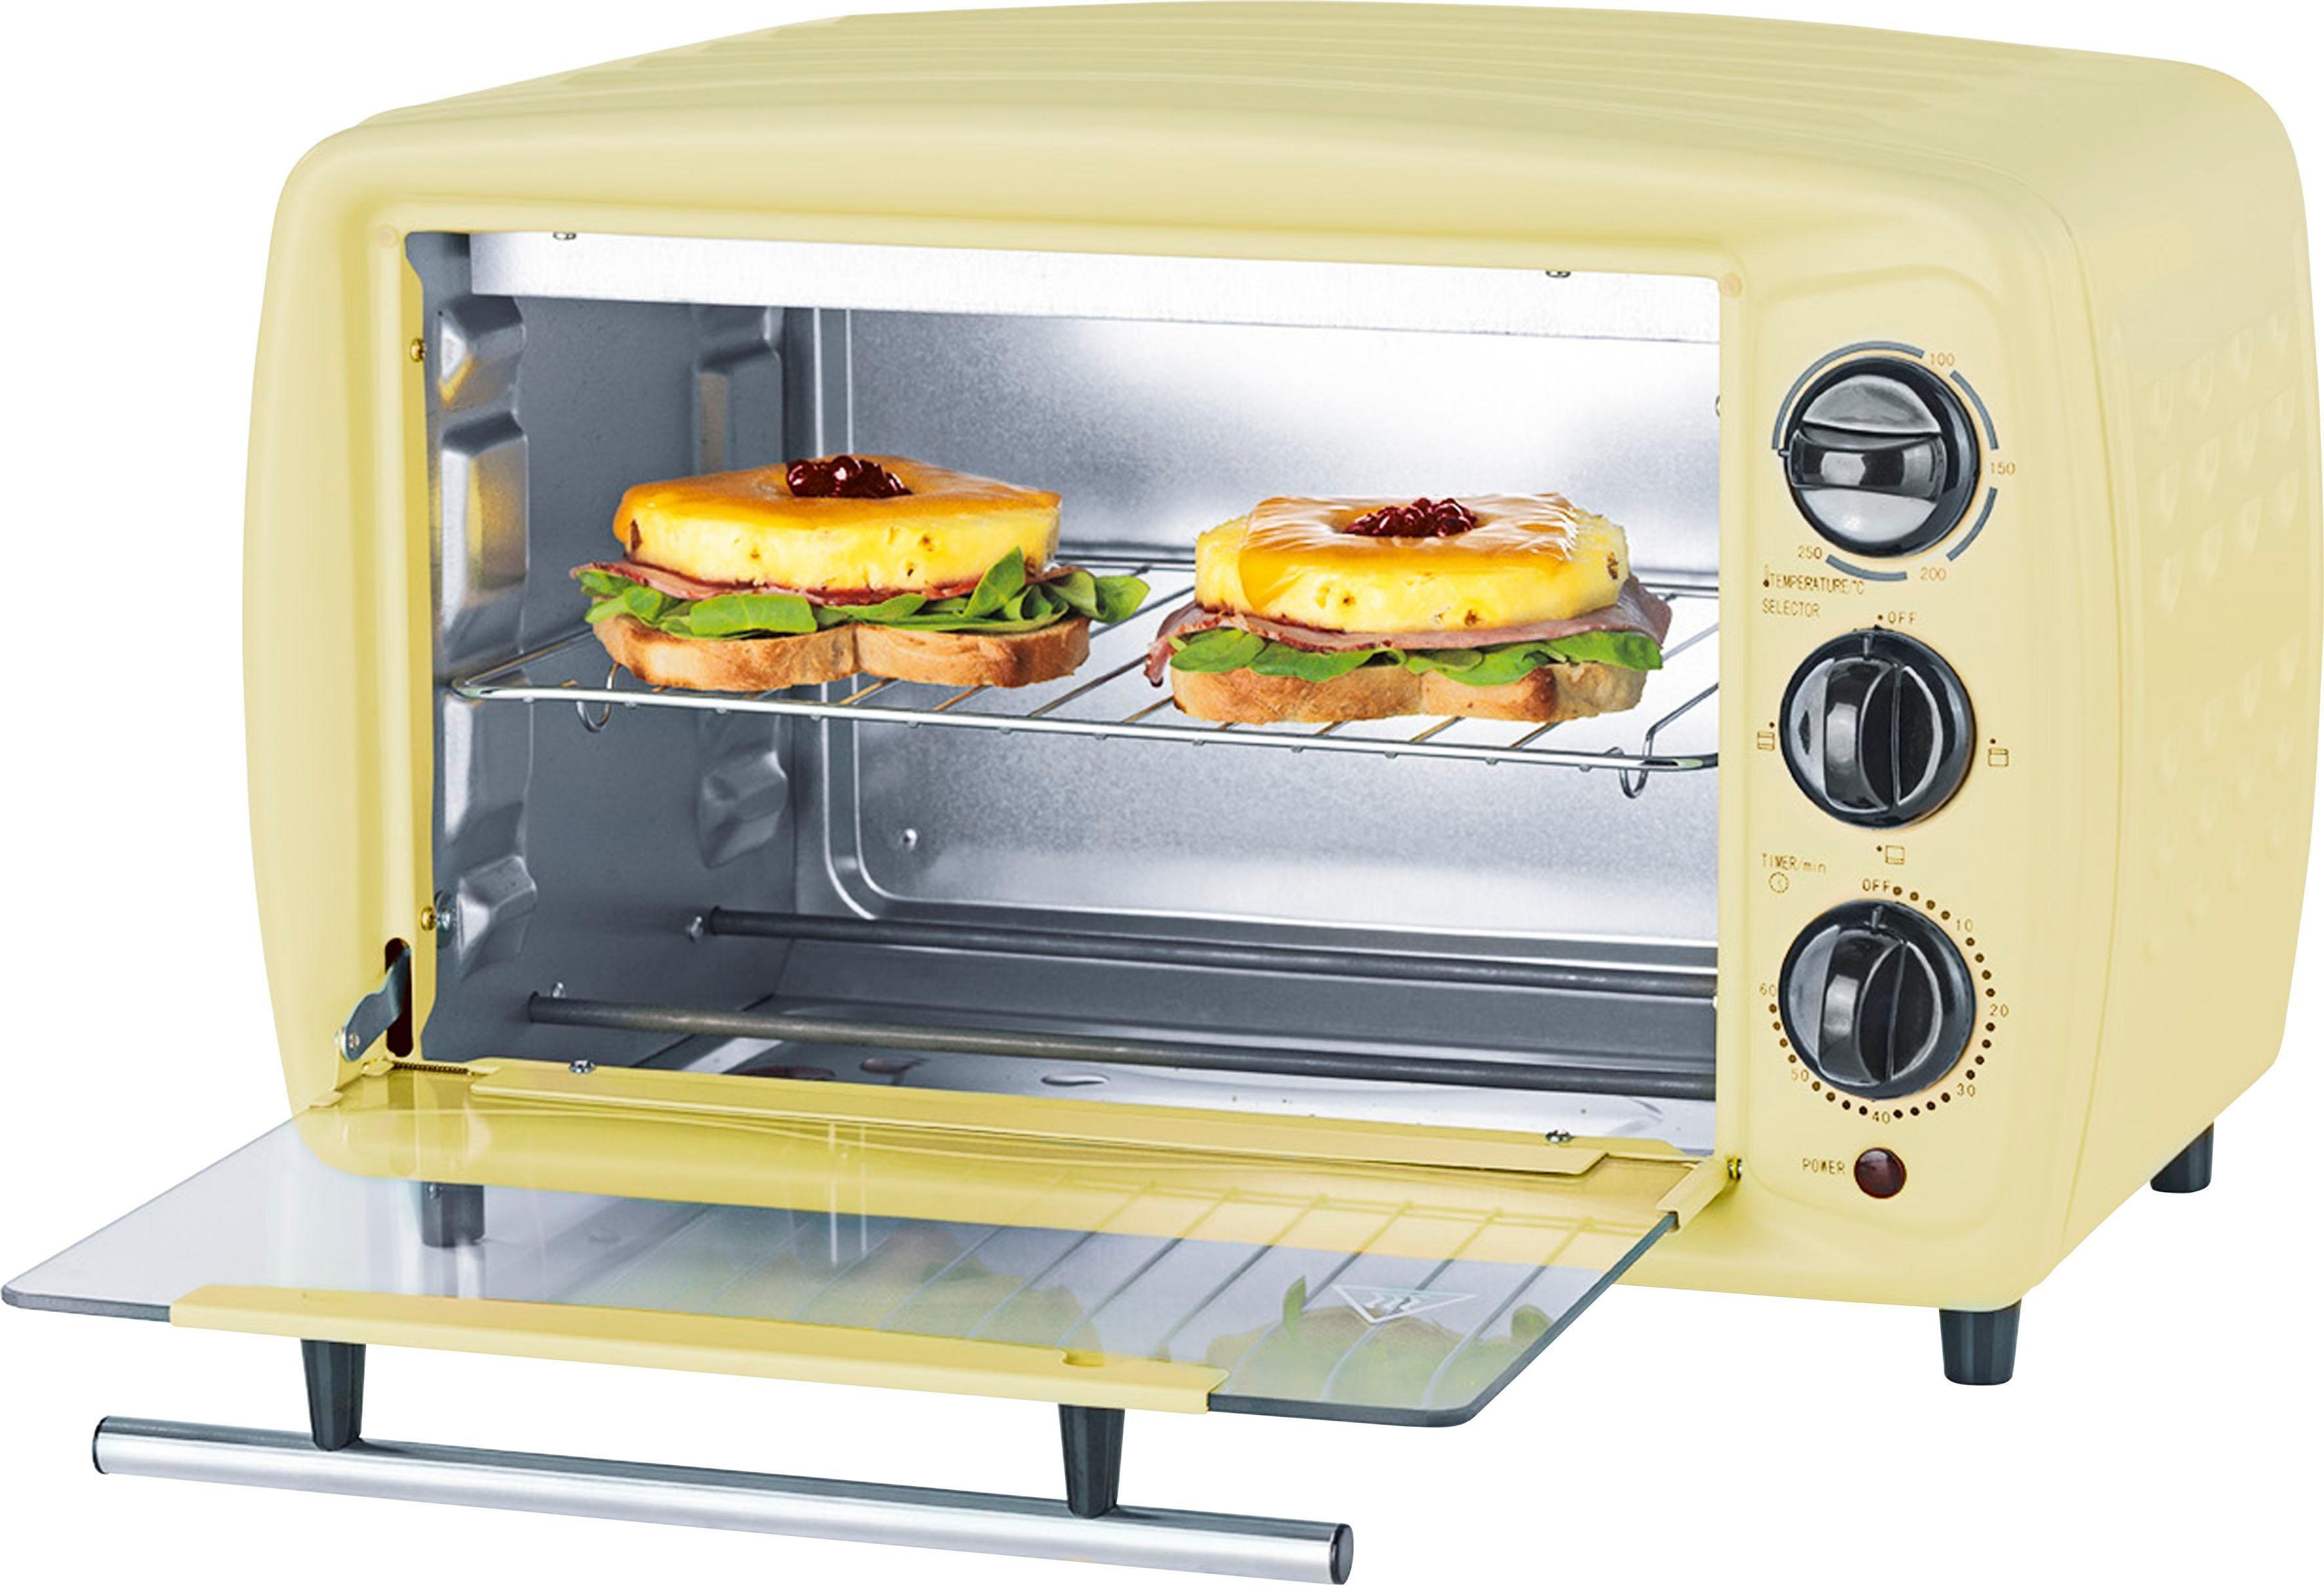 Holzbeheizter Ofen Preisvergleich • Die besten Angebote online kaufen